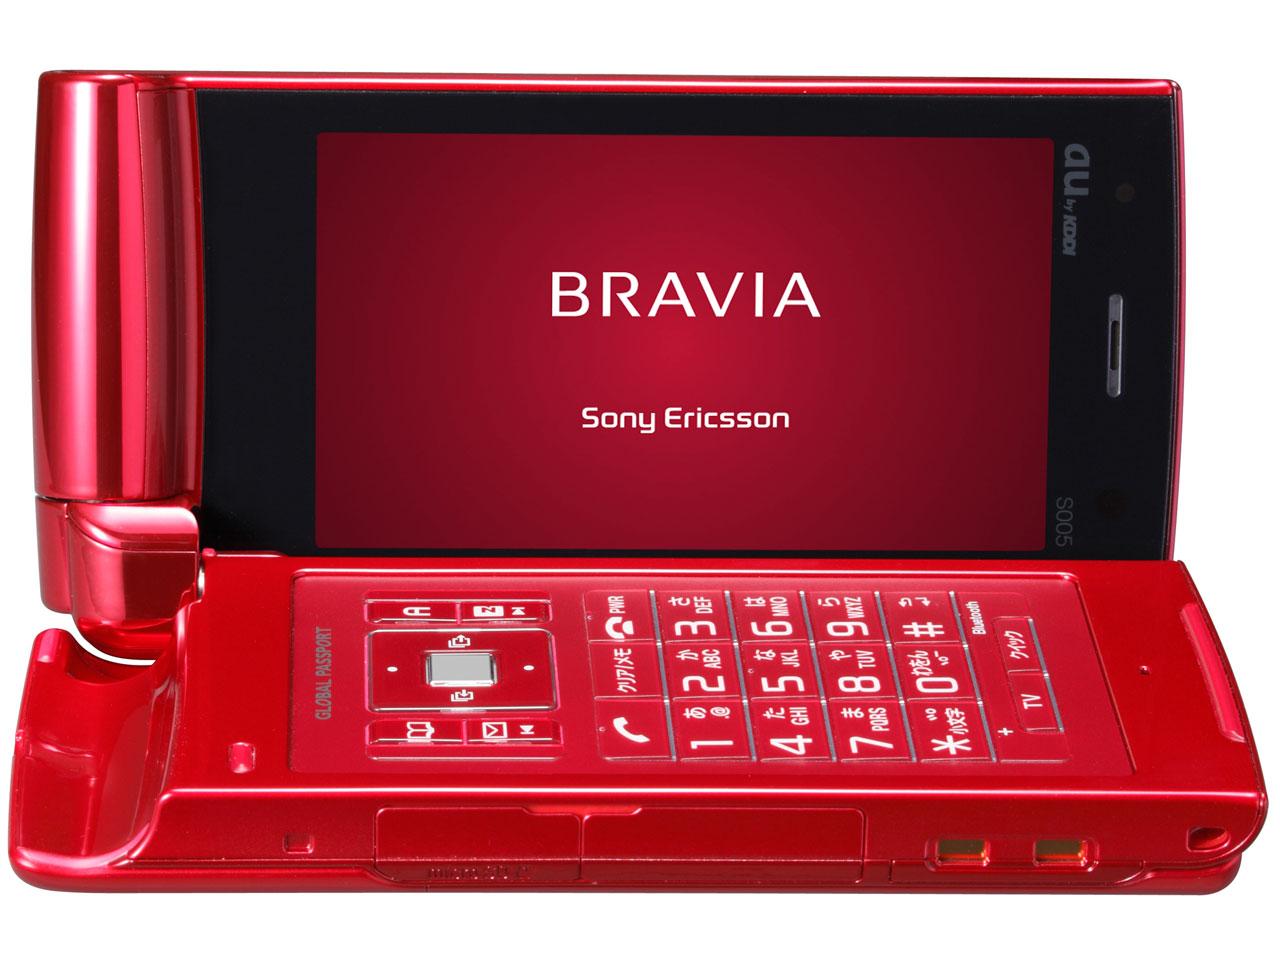 『本体 開き 正面』 BRAVIA Phone S005 [ビビッドレッド] の製品画像